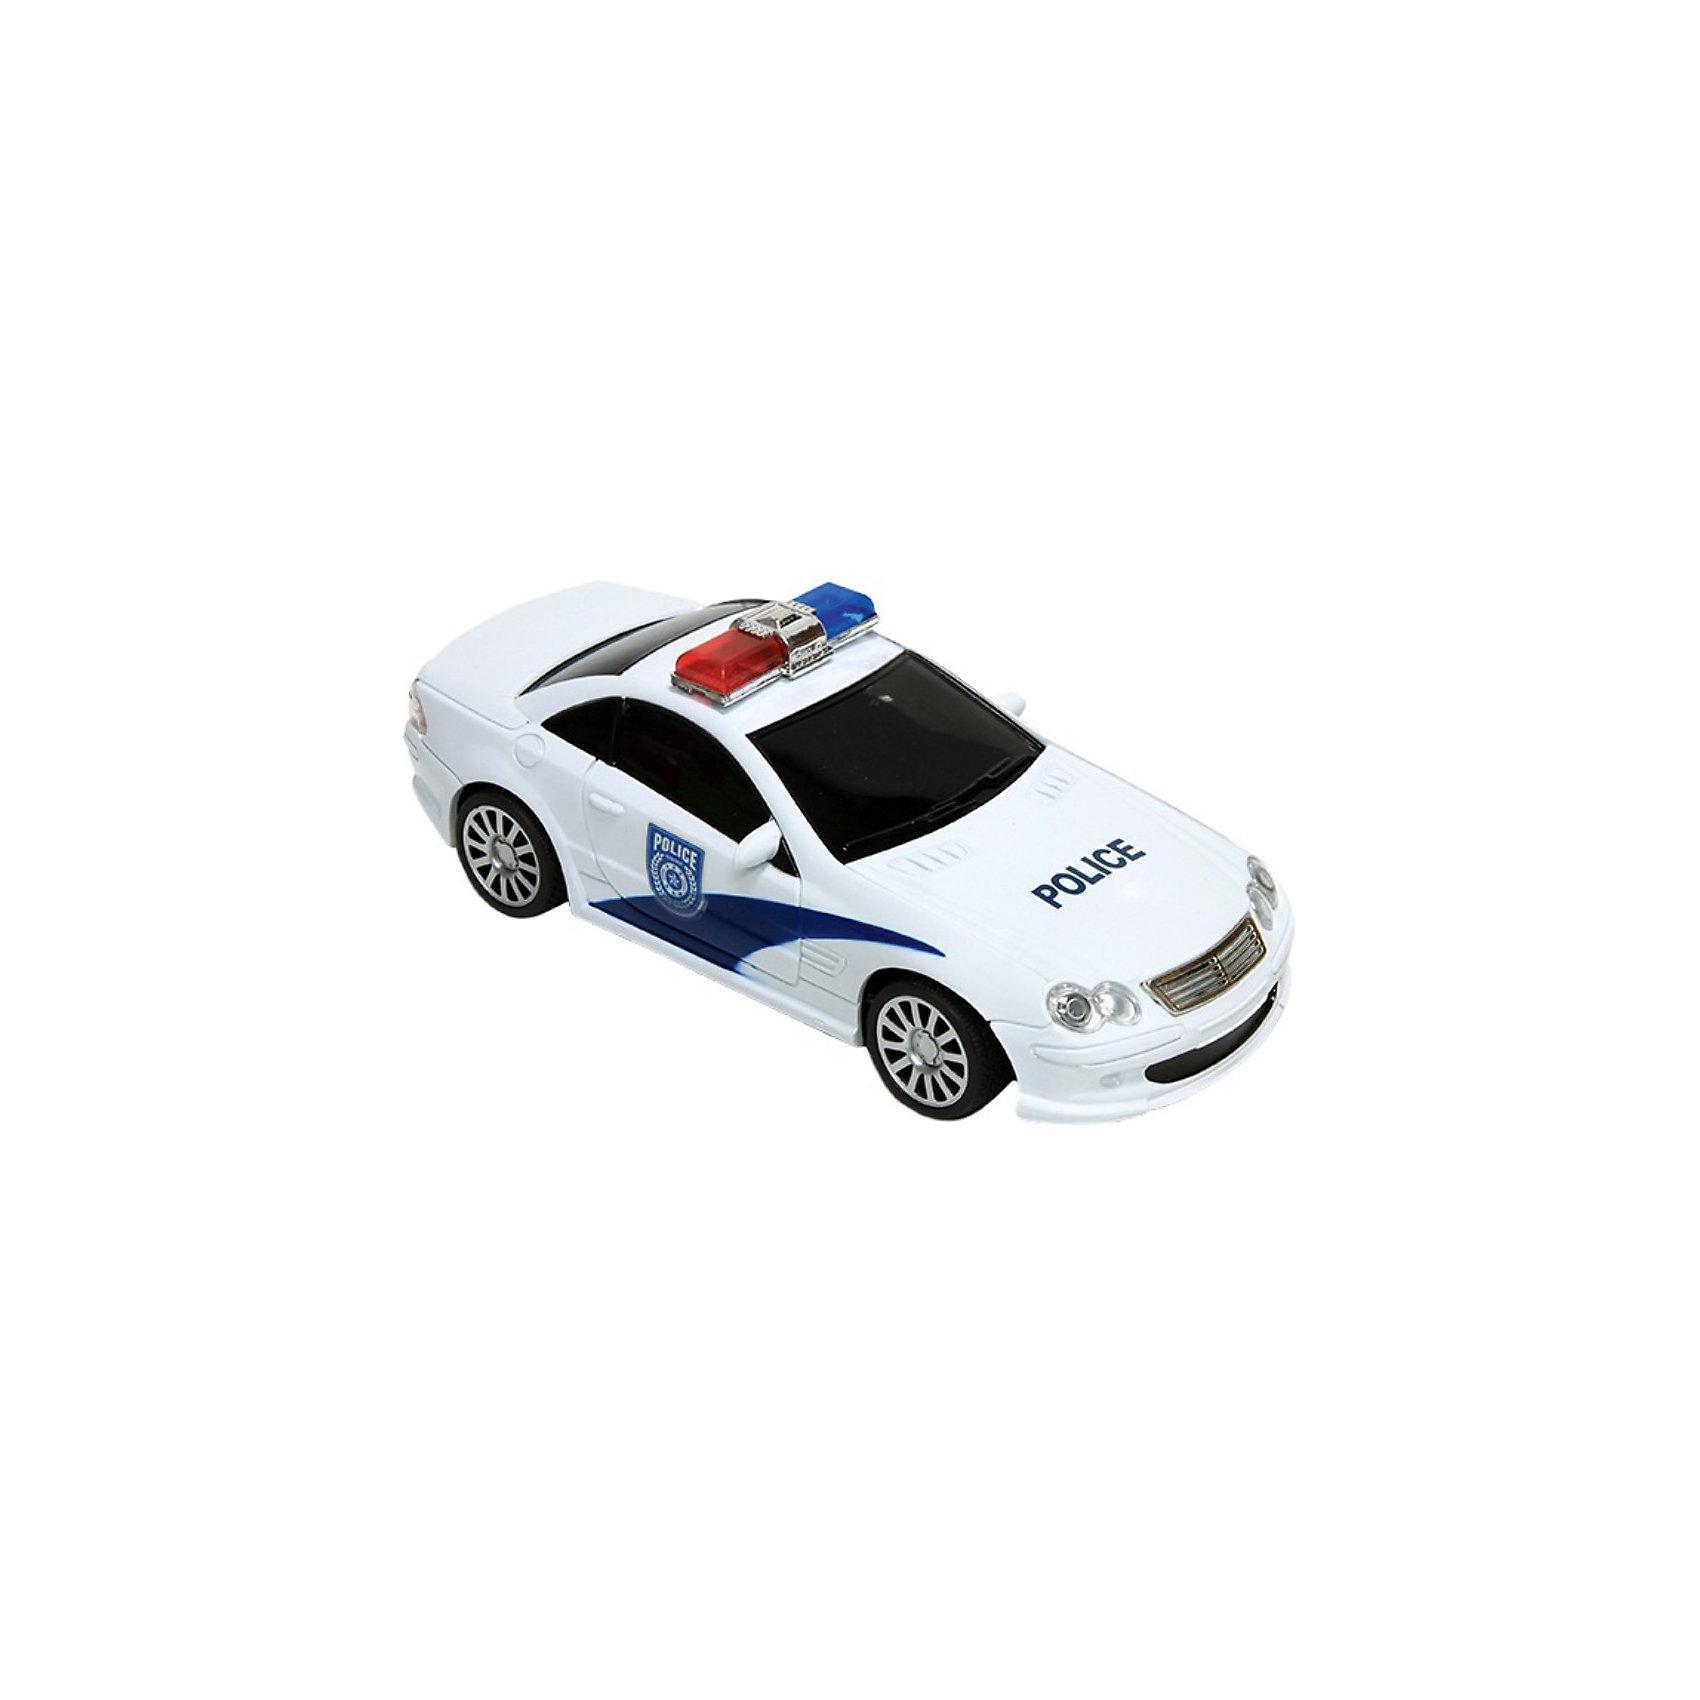 Автомобиль City Police, на р/у, Mioshi TechАвтомобиль City Police, на радиоуправлении, Mioshi Tech  станет отличным подарком для мальчика.<br>Эта радиоуправляемая машинка - миниатюрная копия настоящего полицейского автомобиля!  Реалистичный дизайн, яркие светящиеся фары и сигнальные огни делают её ещё более эффектной. Она отлично подходит для игр дома, ведь её колёса не оставляют следов при езде.<br><br>Дополнительная информация:<br><br>- В комплекте: автомобиль, аккумуляторная батарея, зарядное устройство, пульт управления<br>- Материал: металл<br>- Размер: 25 см.<br>- Размер упаковки: 16 х 13 х 34 см.<br>- Вес: 583 гр.<br><br>Автомобиль City Police, на радиоуправлении, Mioshi Tech  можно купить в нашем интернет-магазине.<br><br>Ширина мм: 340<br>Глубина мм: 160<br>Высота мм: 130<br>Вес г: 583<br>Возраст от месяцев: 72<br>Возраст до месяцев: 180<br>Пол: Мужской<br>Возраст: Детский<br>SKU: 3793854